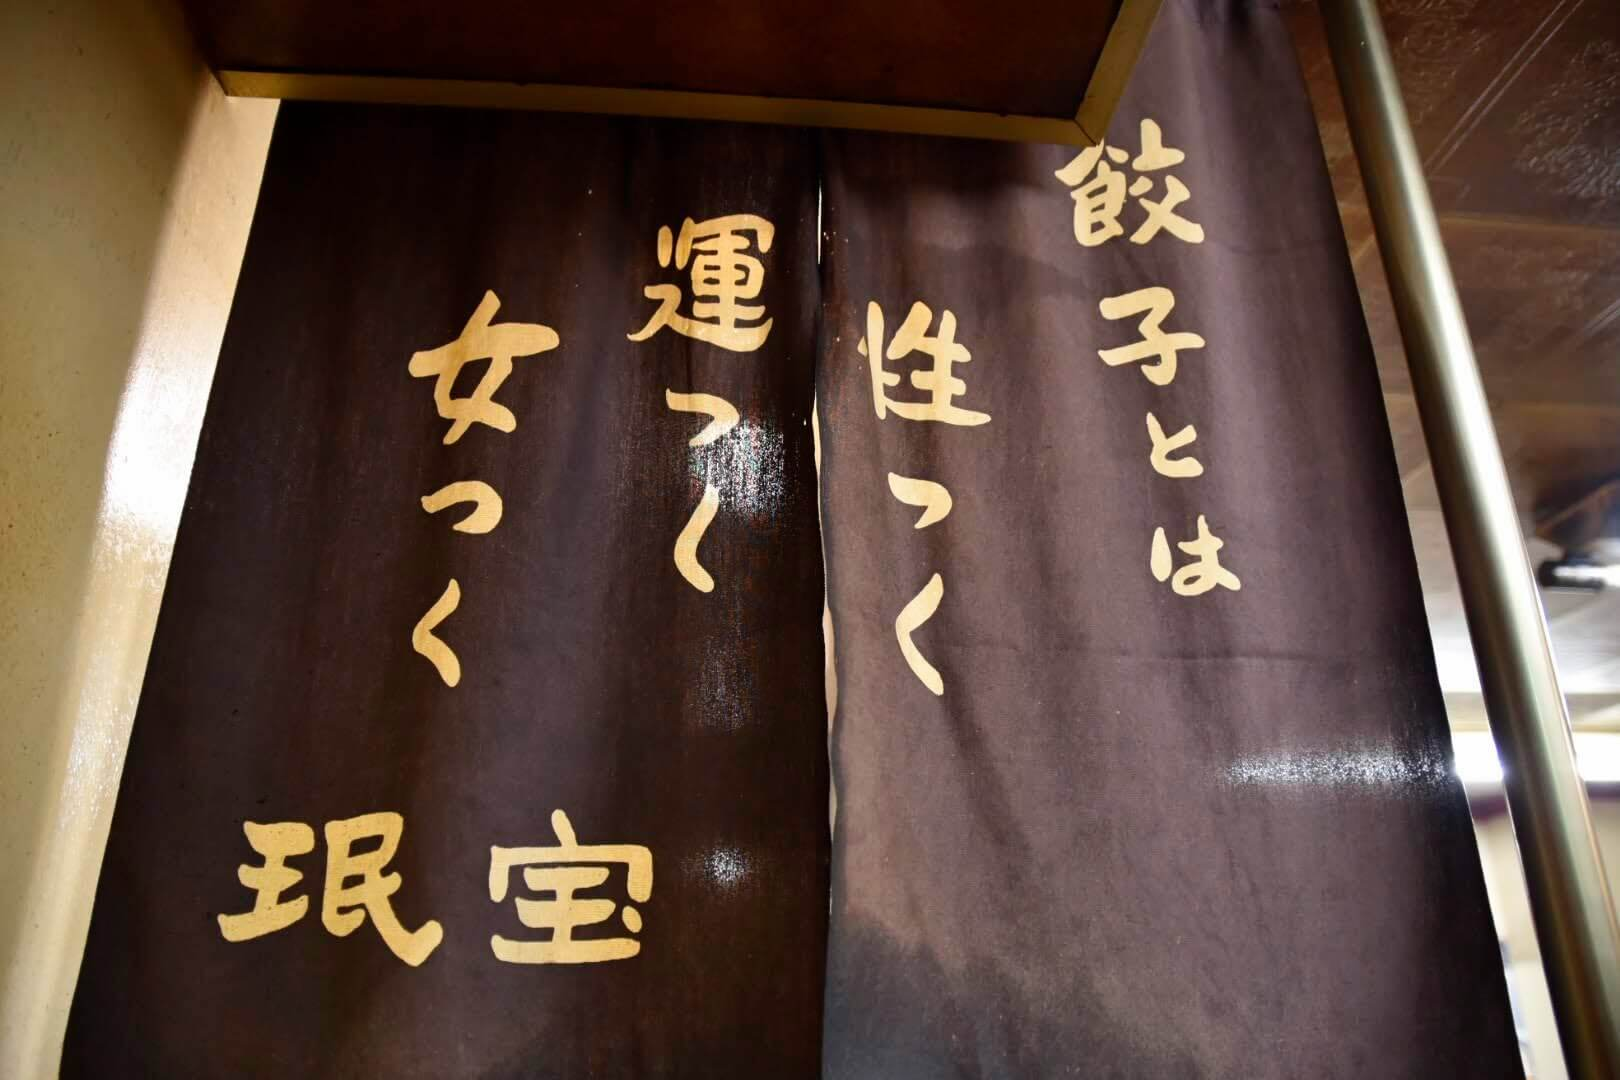 珉宝の妙なキャッチコピーの付いた暖簾